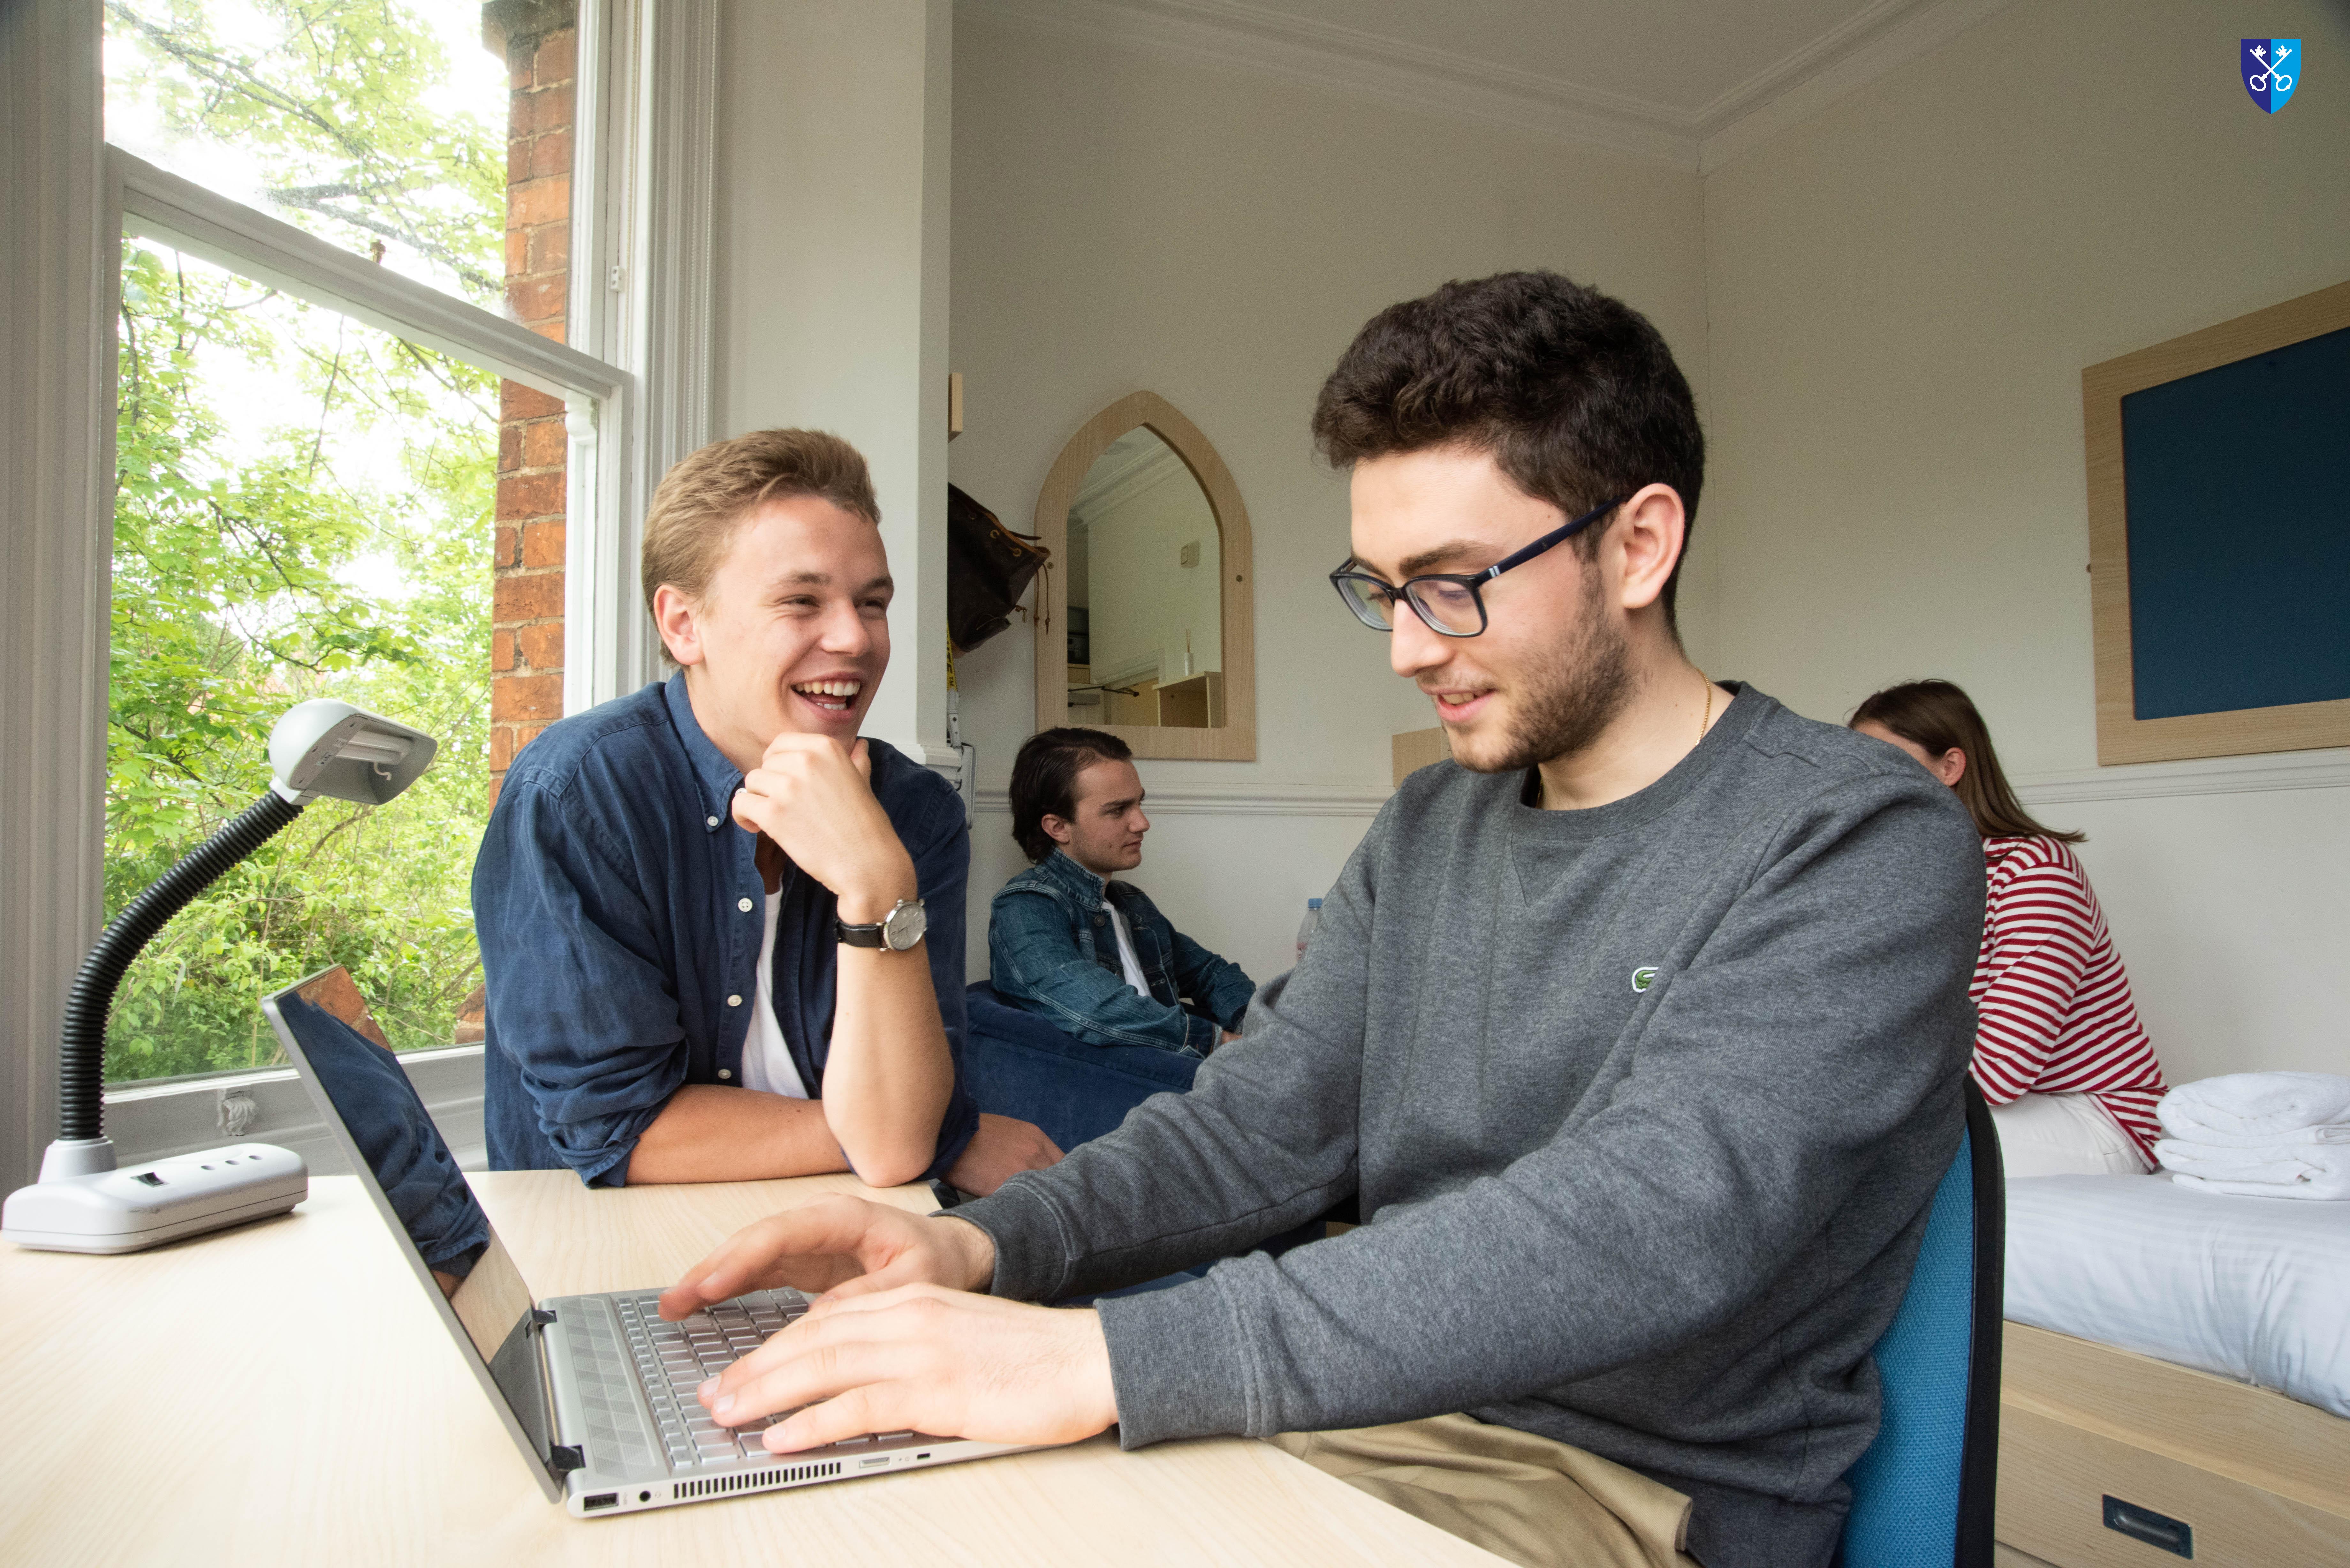 Gap Year Program - Campus Oxford: Gap Year Programs in United Kingdom  7